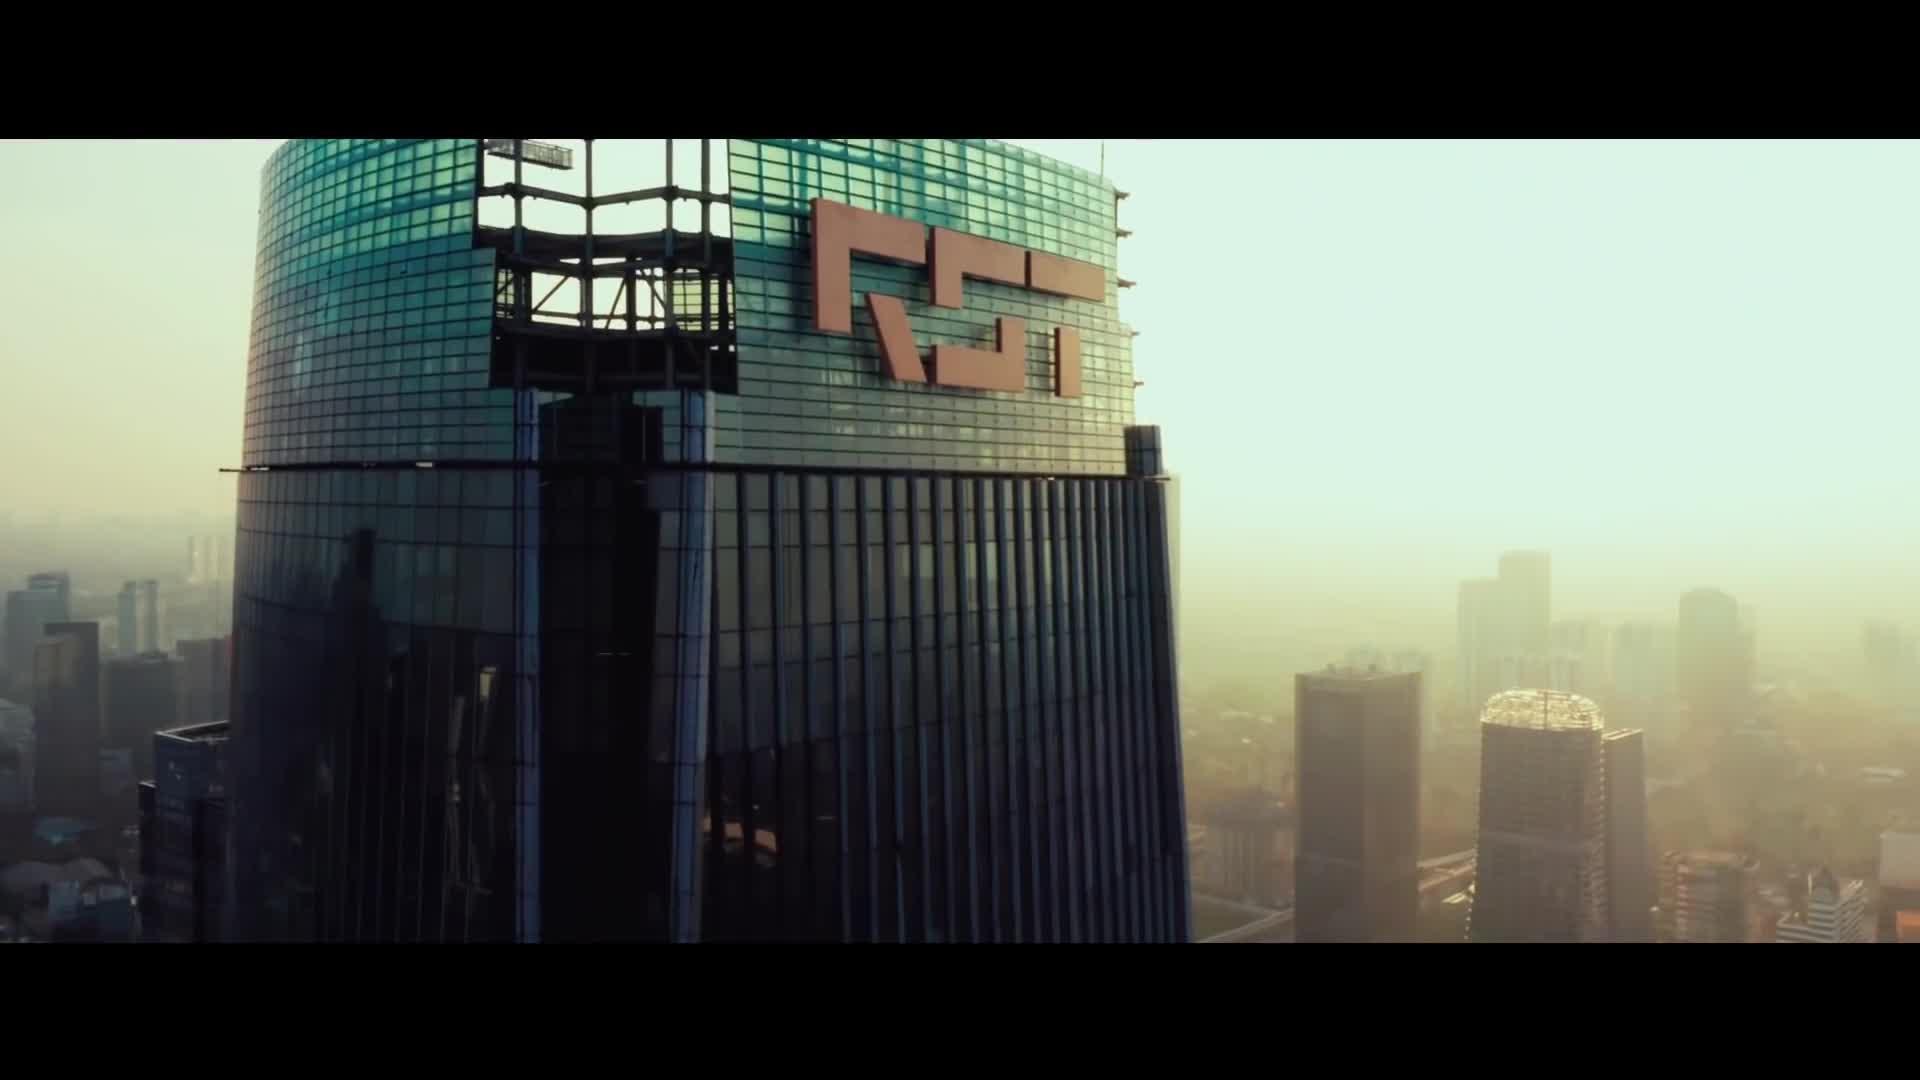 Bloodshot - Official Trailer #1 [HD] screen capture